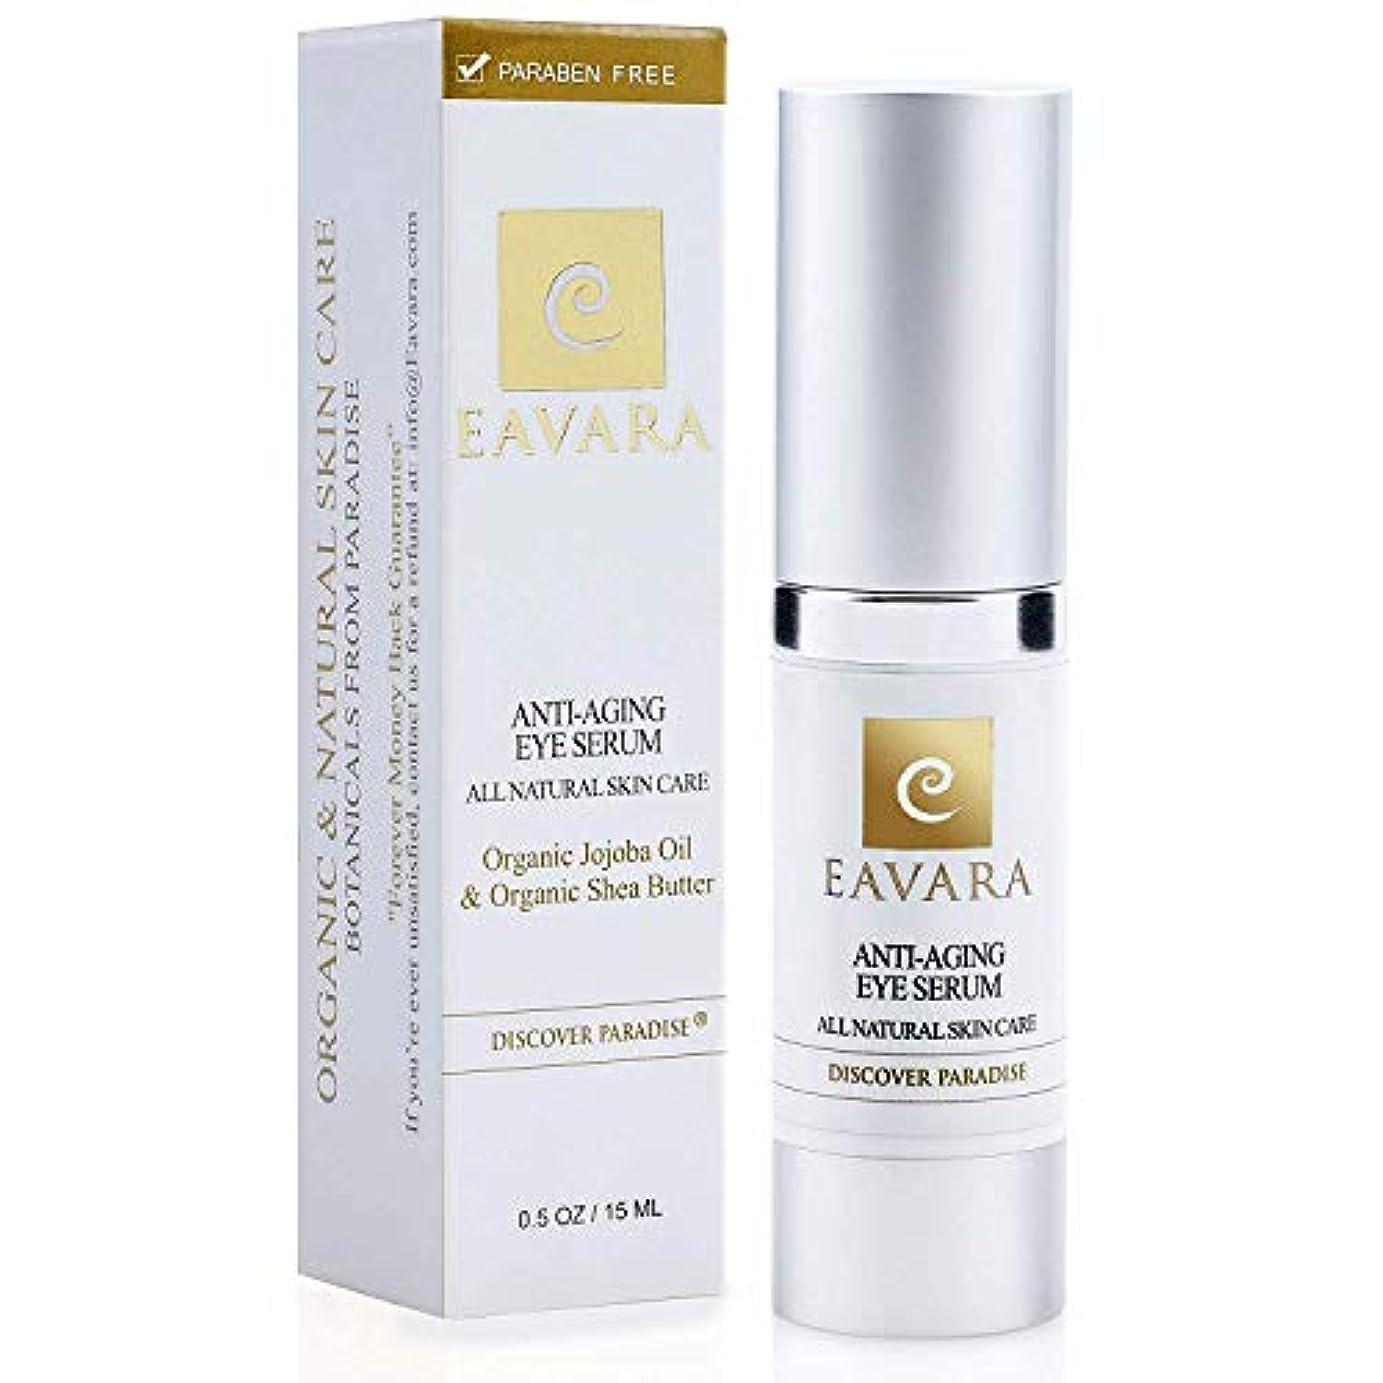 帰る滅多仮称[Eavara] [アンチエイジングアイ血清 Organic Anti Aging Eye Serum - Award Winning Under Eye Cream for Dark Circles and Puffiness...